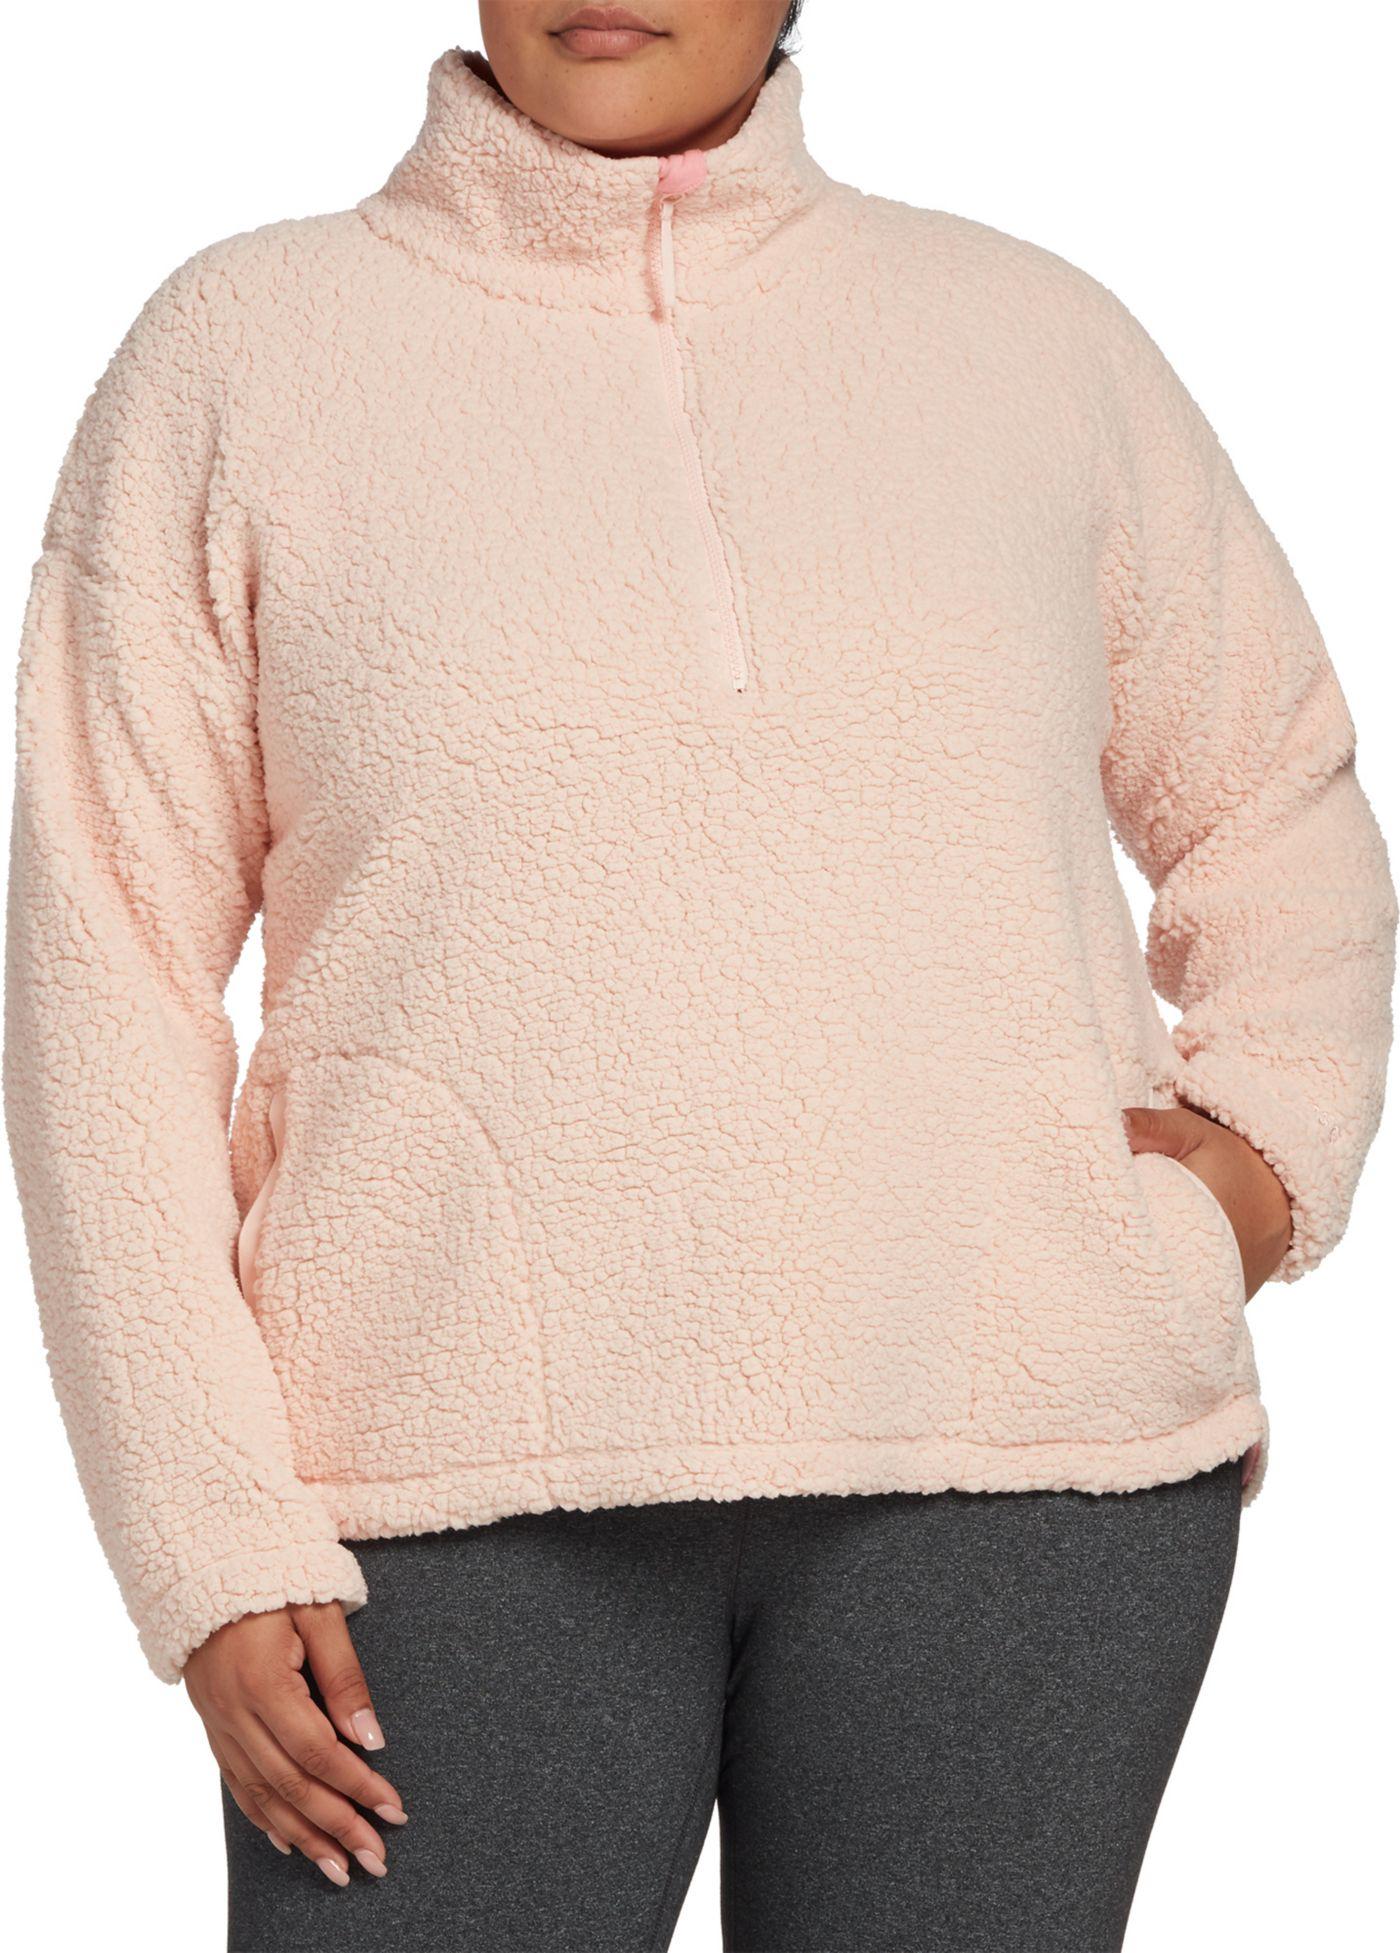 DSG Women's Plus Size Sherpa 1/4 Zip Pullover